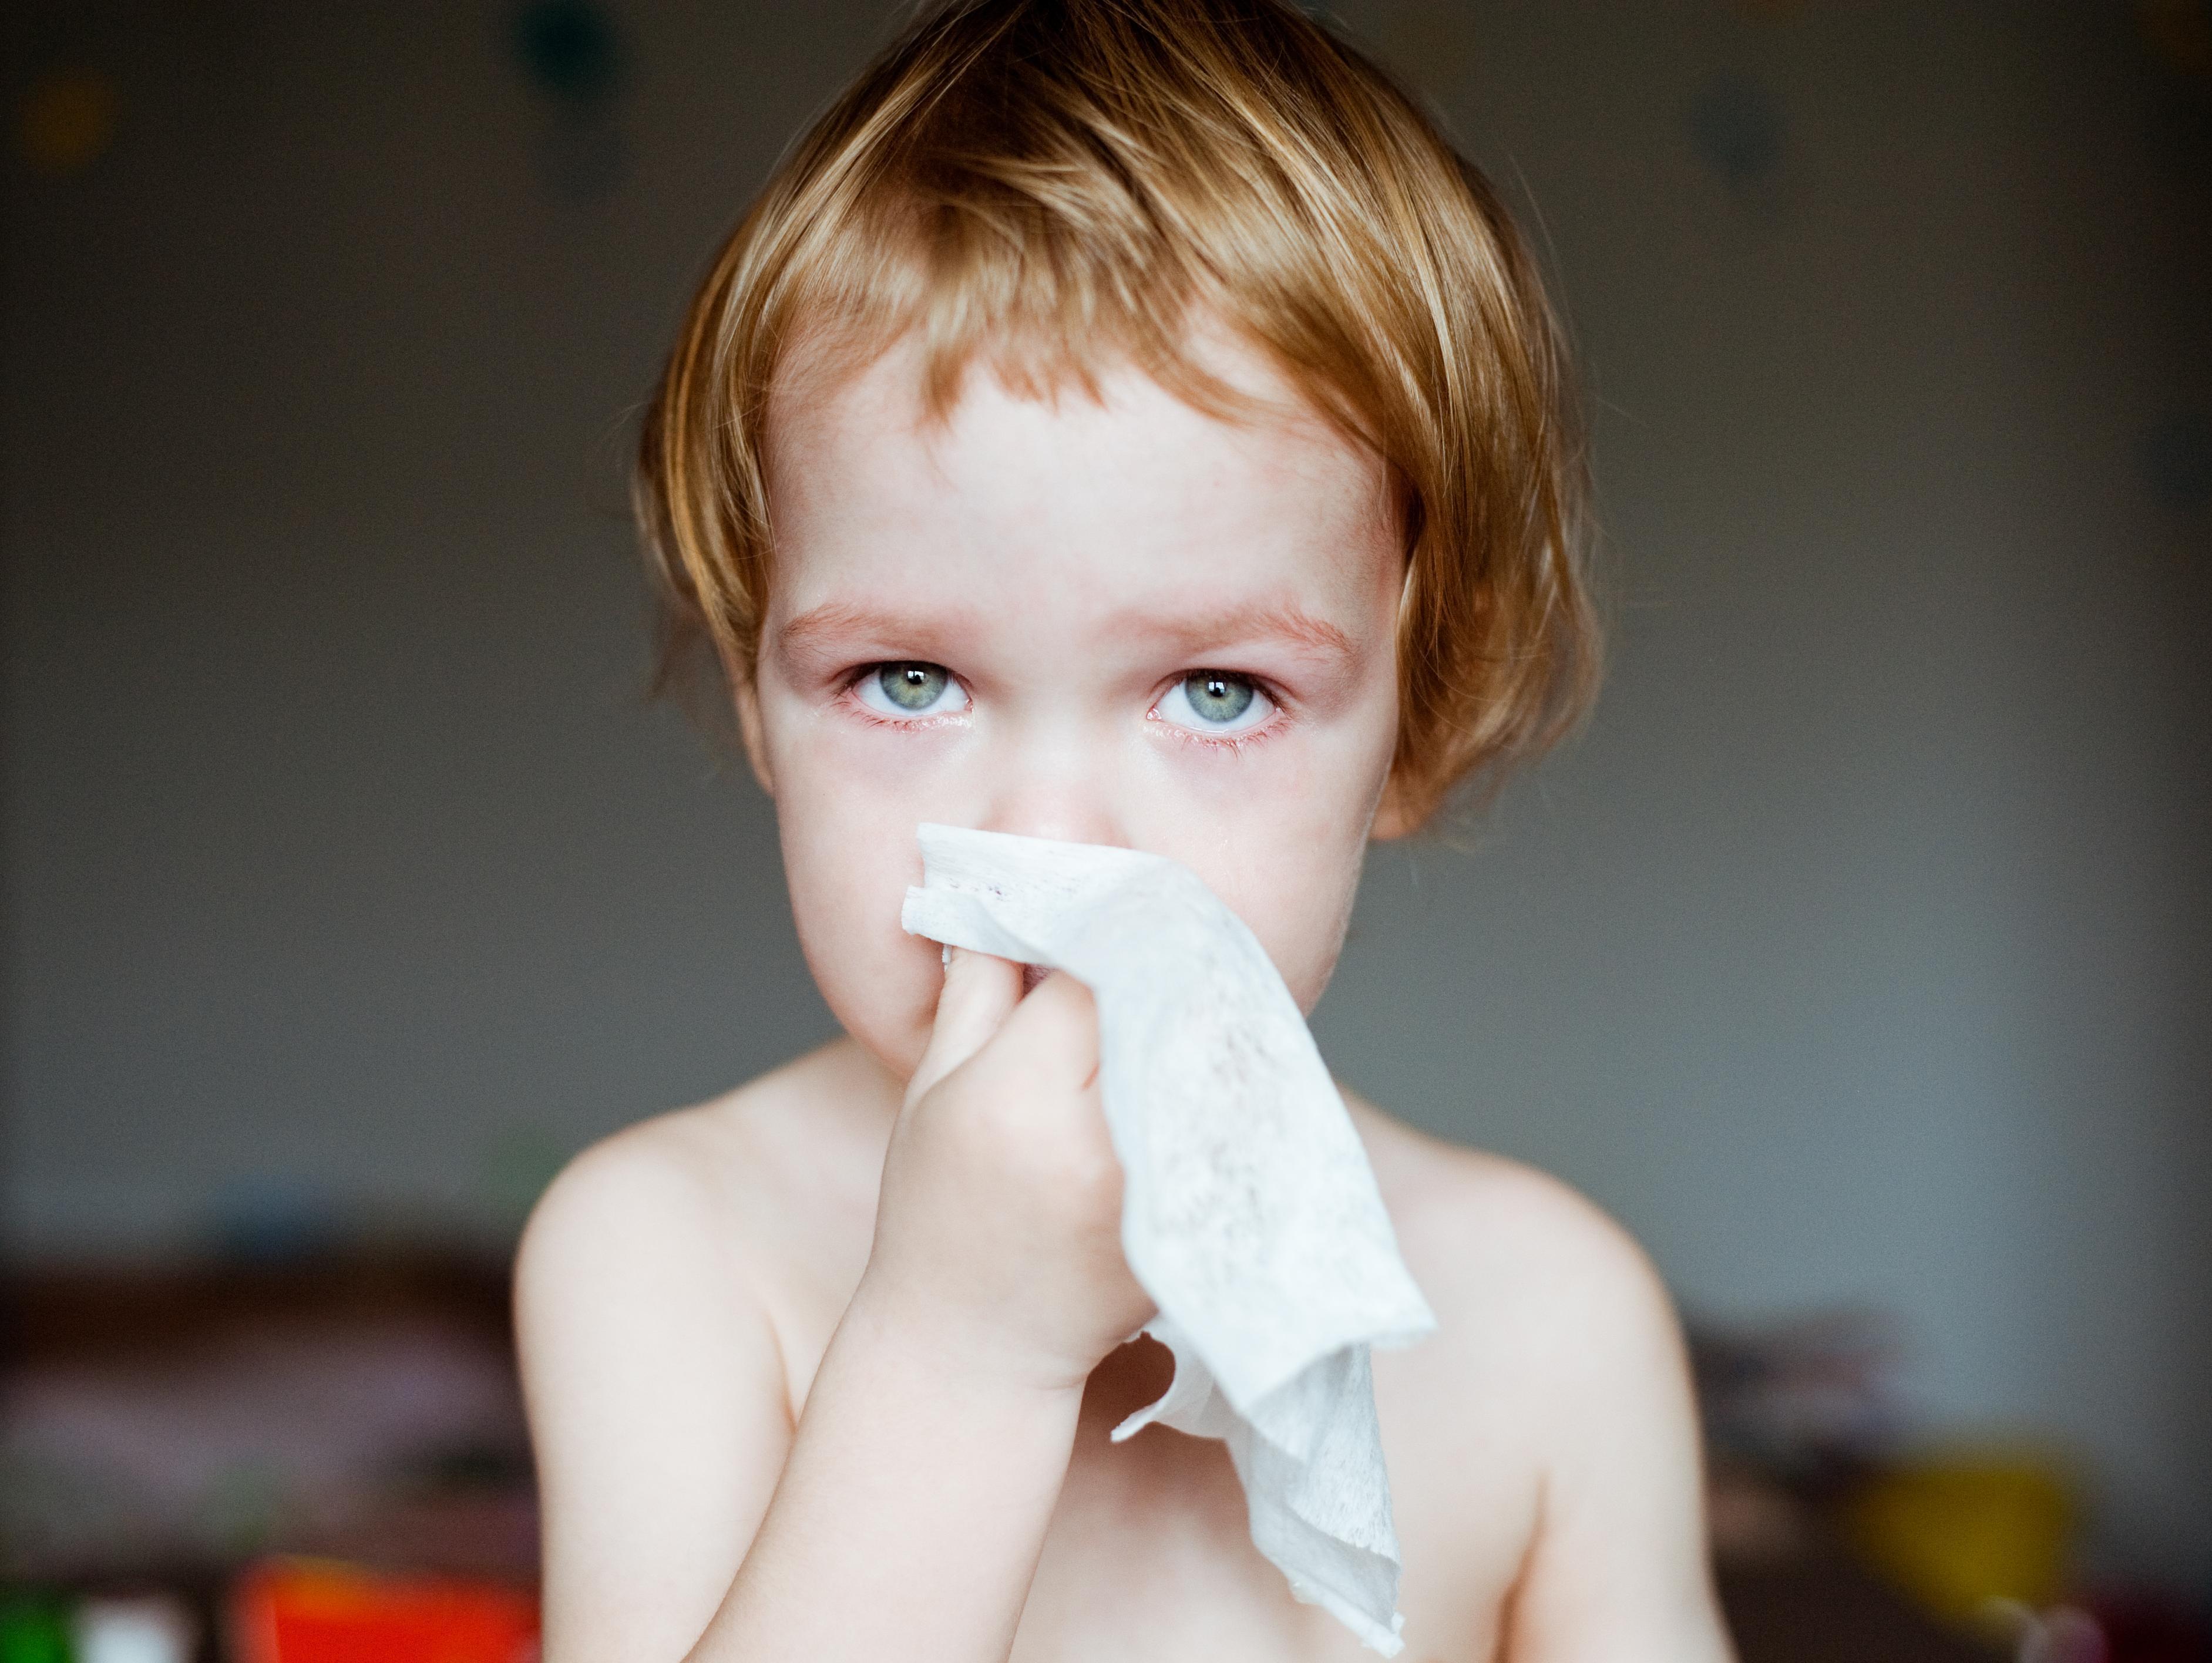 6 דברים שכדאי שיהיו לכם בבית כשהילד חולה